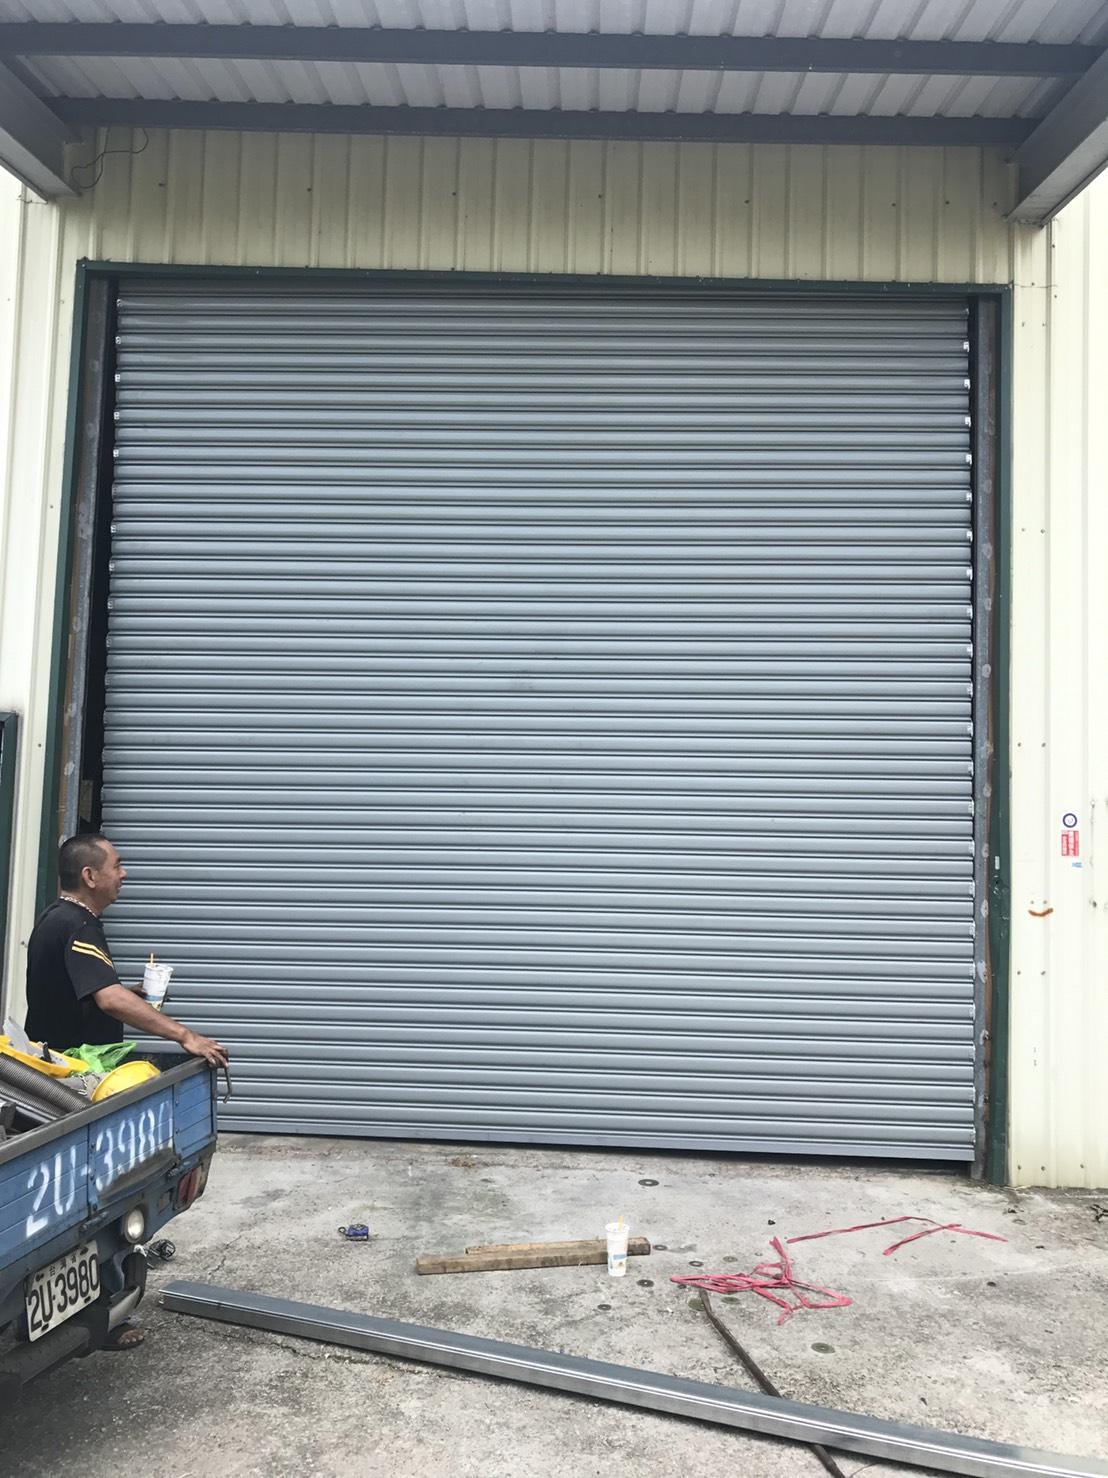 門片變型換新門片,門維修鐵捲門,維修捲門馬達,維修電動捲門